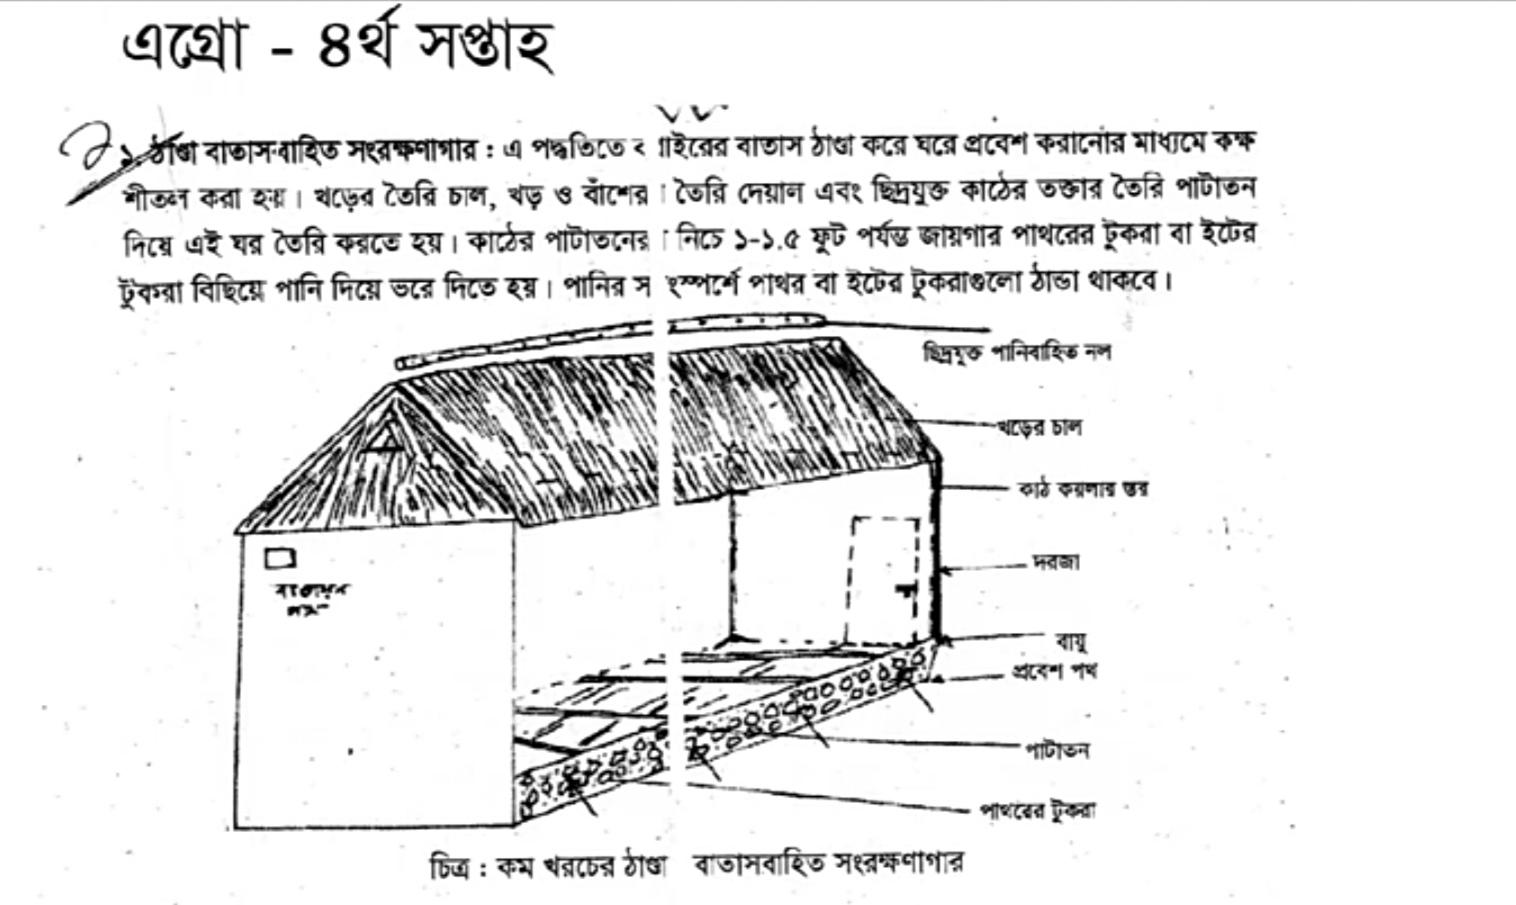 ভোকেশনাল ১০ম শ্রেণির এগ্রোবেসড ফুড (২) ২য় পত্র ৪র্থ সপ্তাহের এসাইনমেন্ট সমাধান ২০২১ https://www.banglanewsexpress.com/